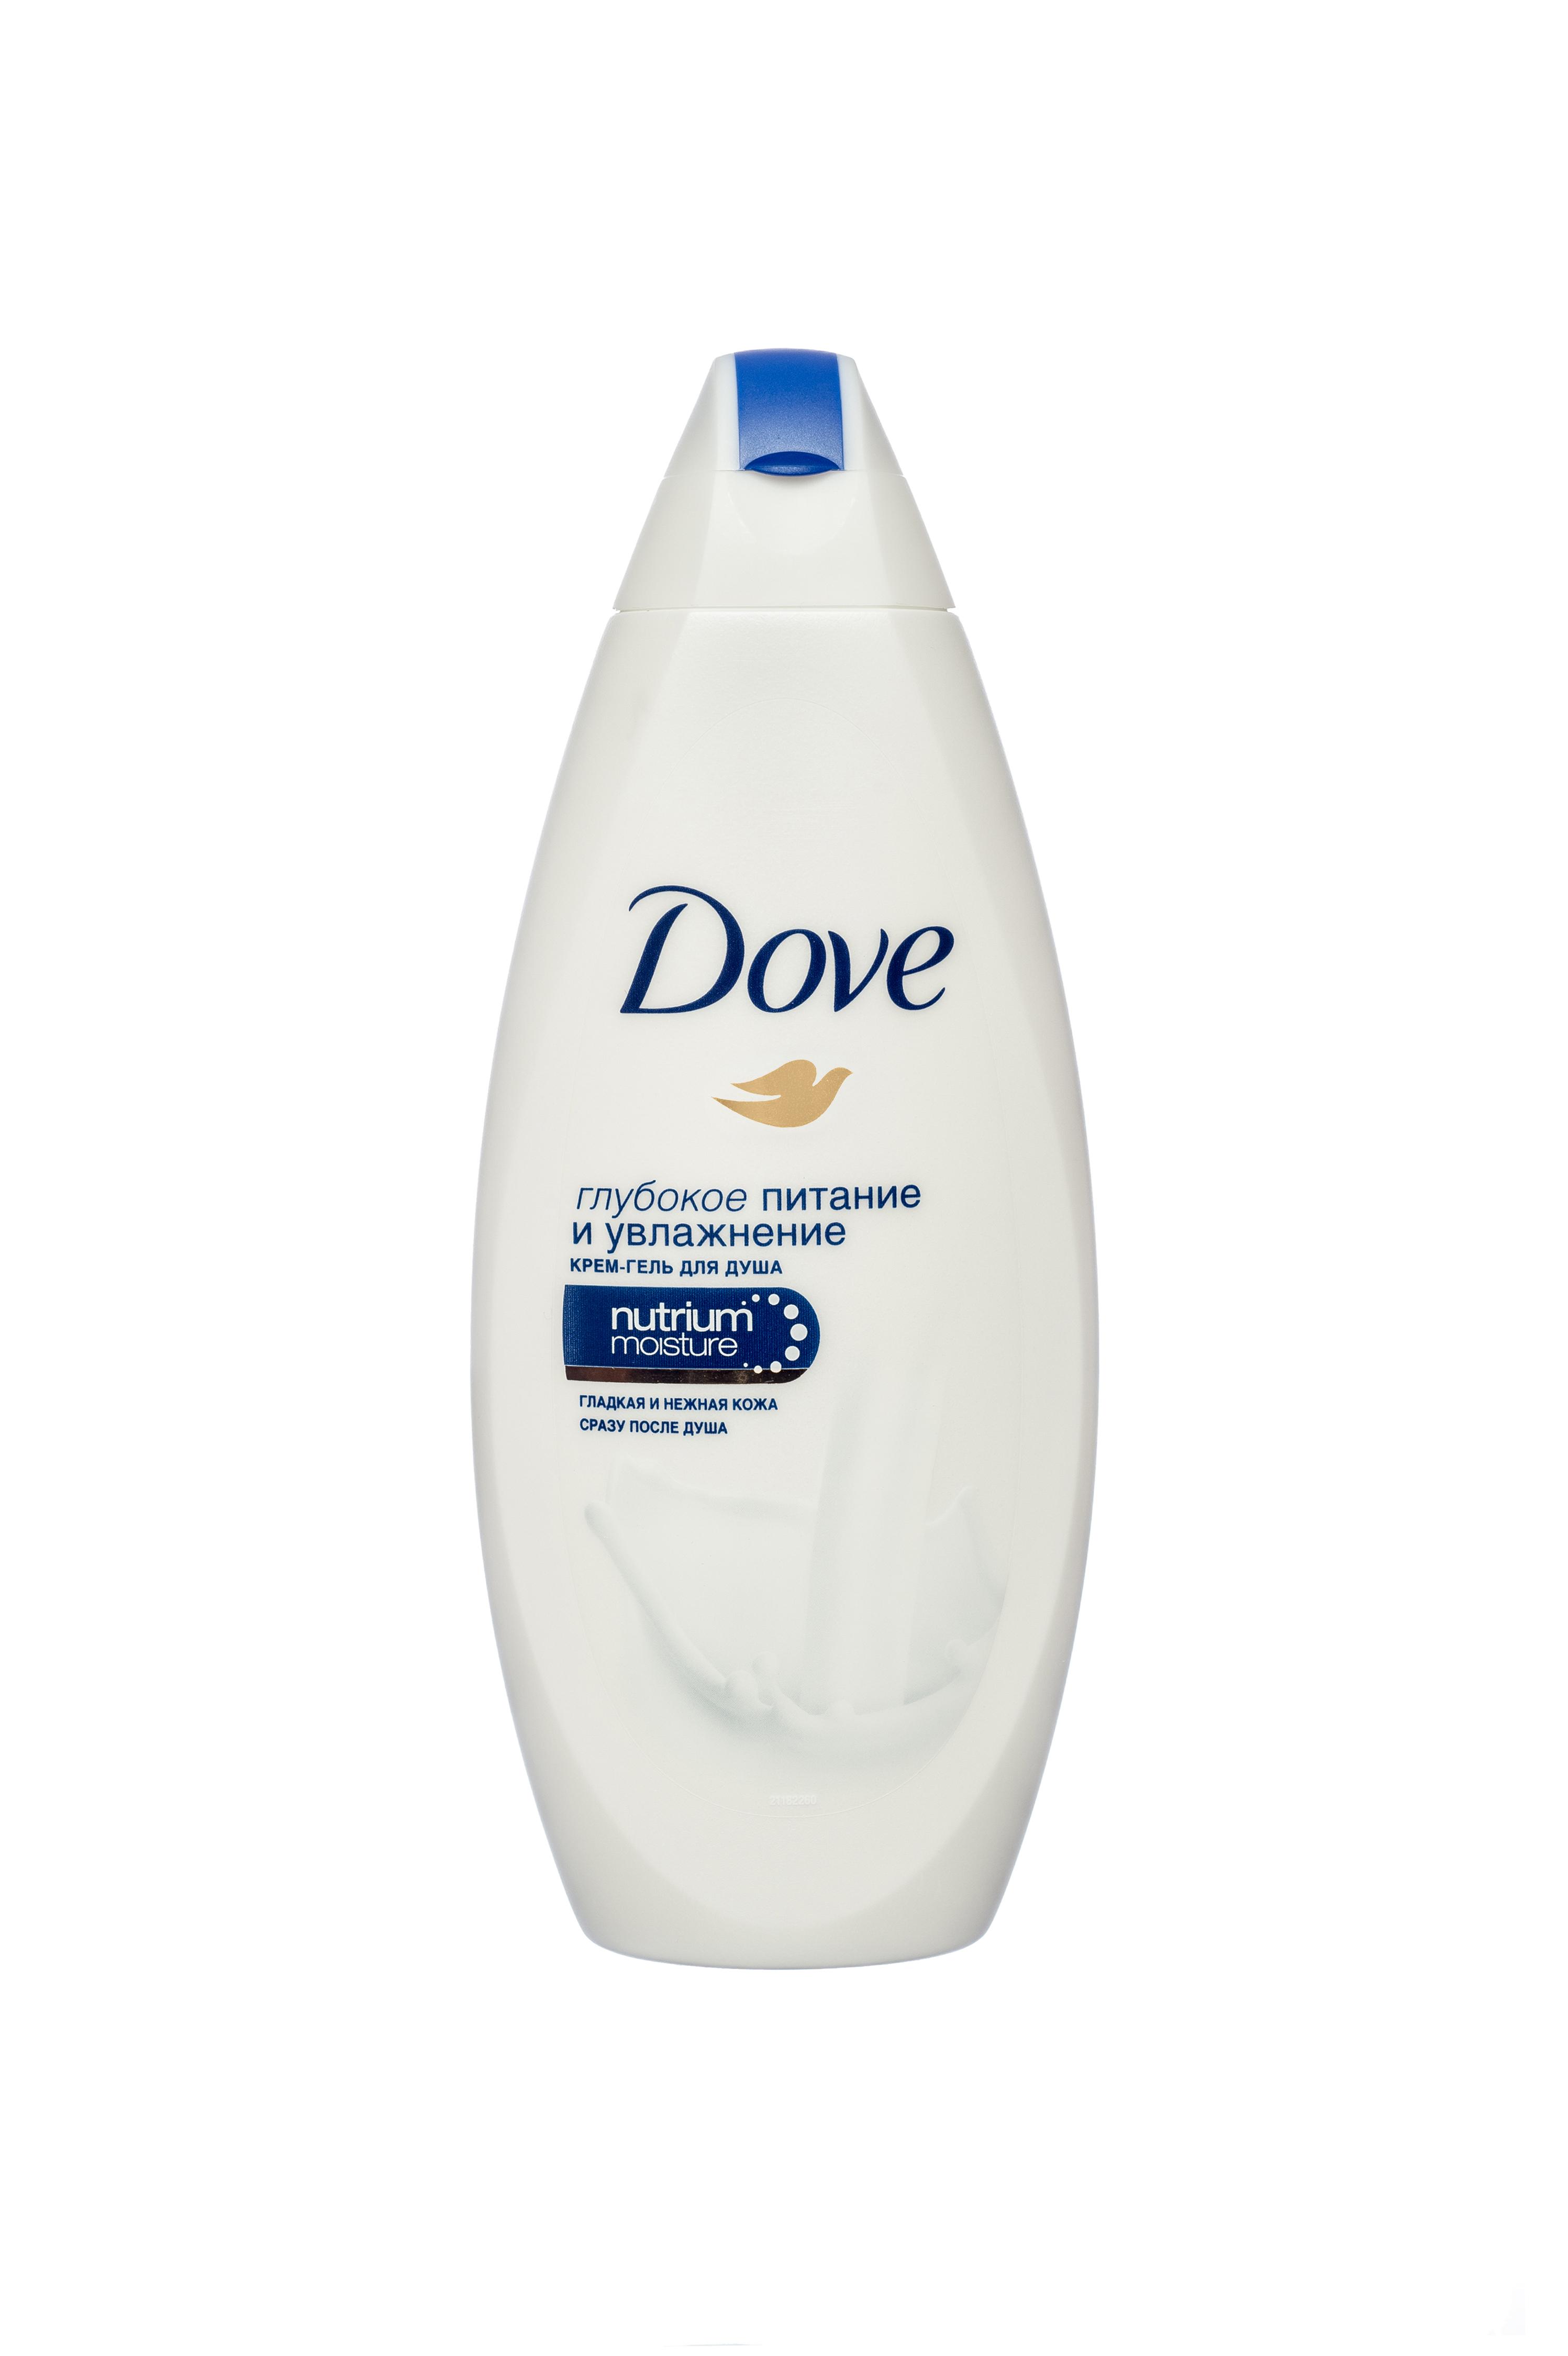 Dove Гель для душа Глубокое Питание и Увлажнение 250 мл21145682Делает Вашу кожу гладкой и нежной сразу после душа.Благодаря нашим самым бережным очищающим компонентам и комплексу NutriumMoistur - уникальному сочетанию ухаживающих компонентов, которые обеспечивают больше естественного питания для Вашей кожи, чем большинство гелей для душа.